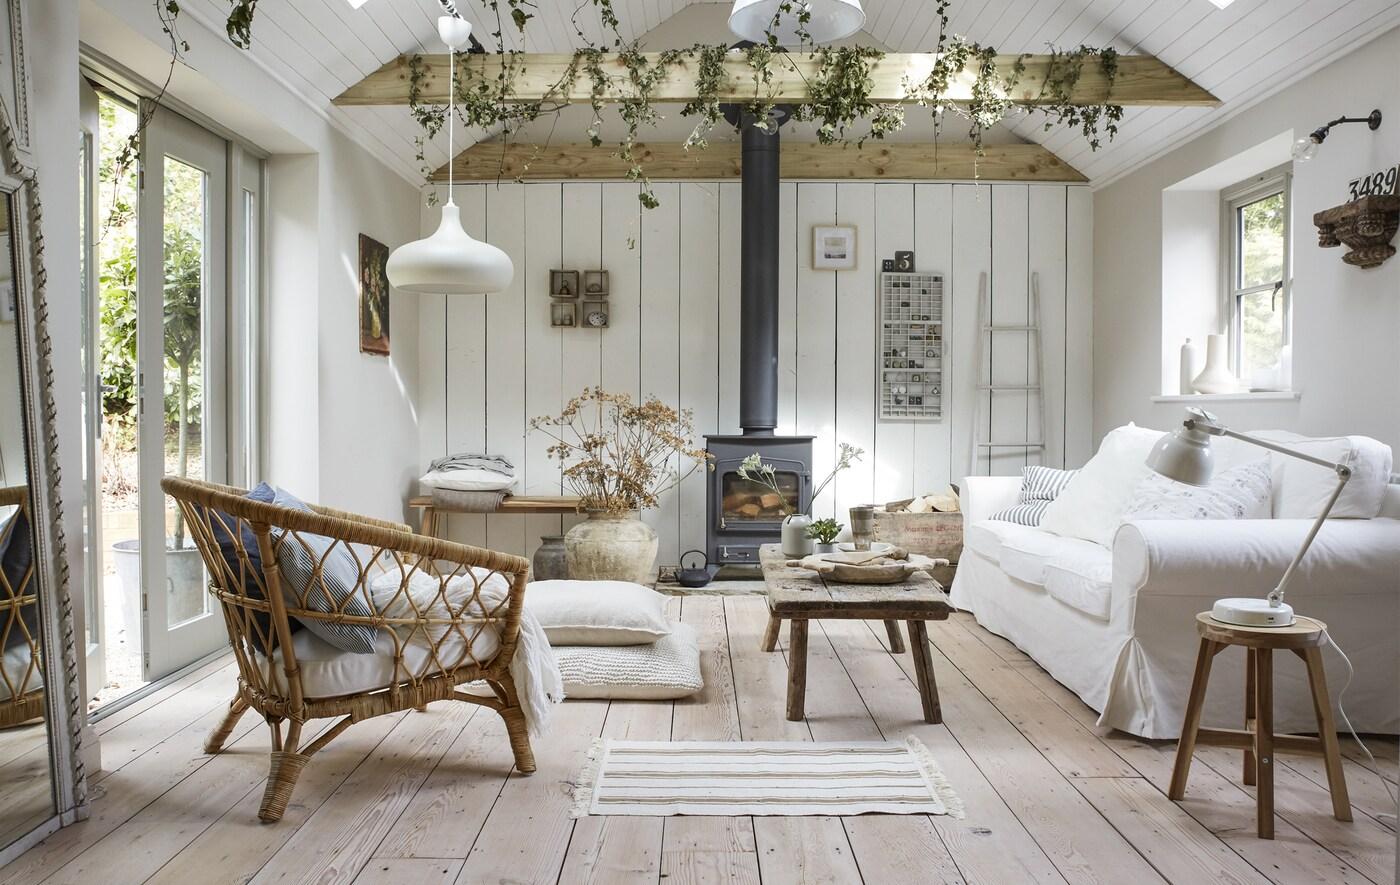 Ein hell eingerichtetes Wohnzimmer mit einem weißen Sofa, einem Weidenstuhl, Holzstreben und Holzboden